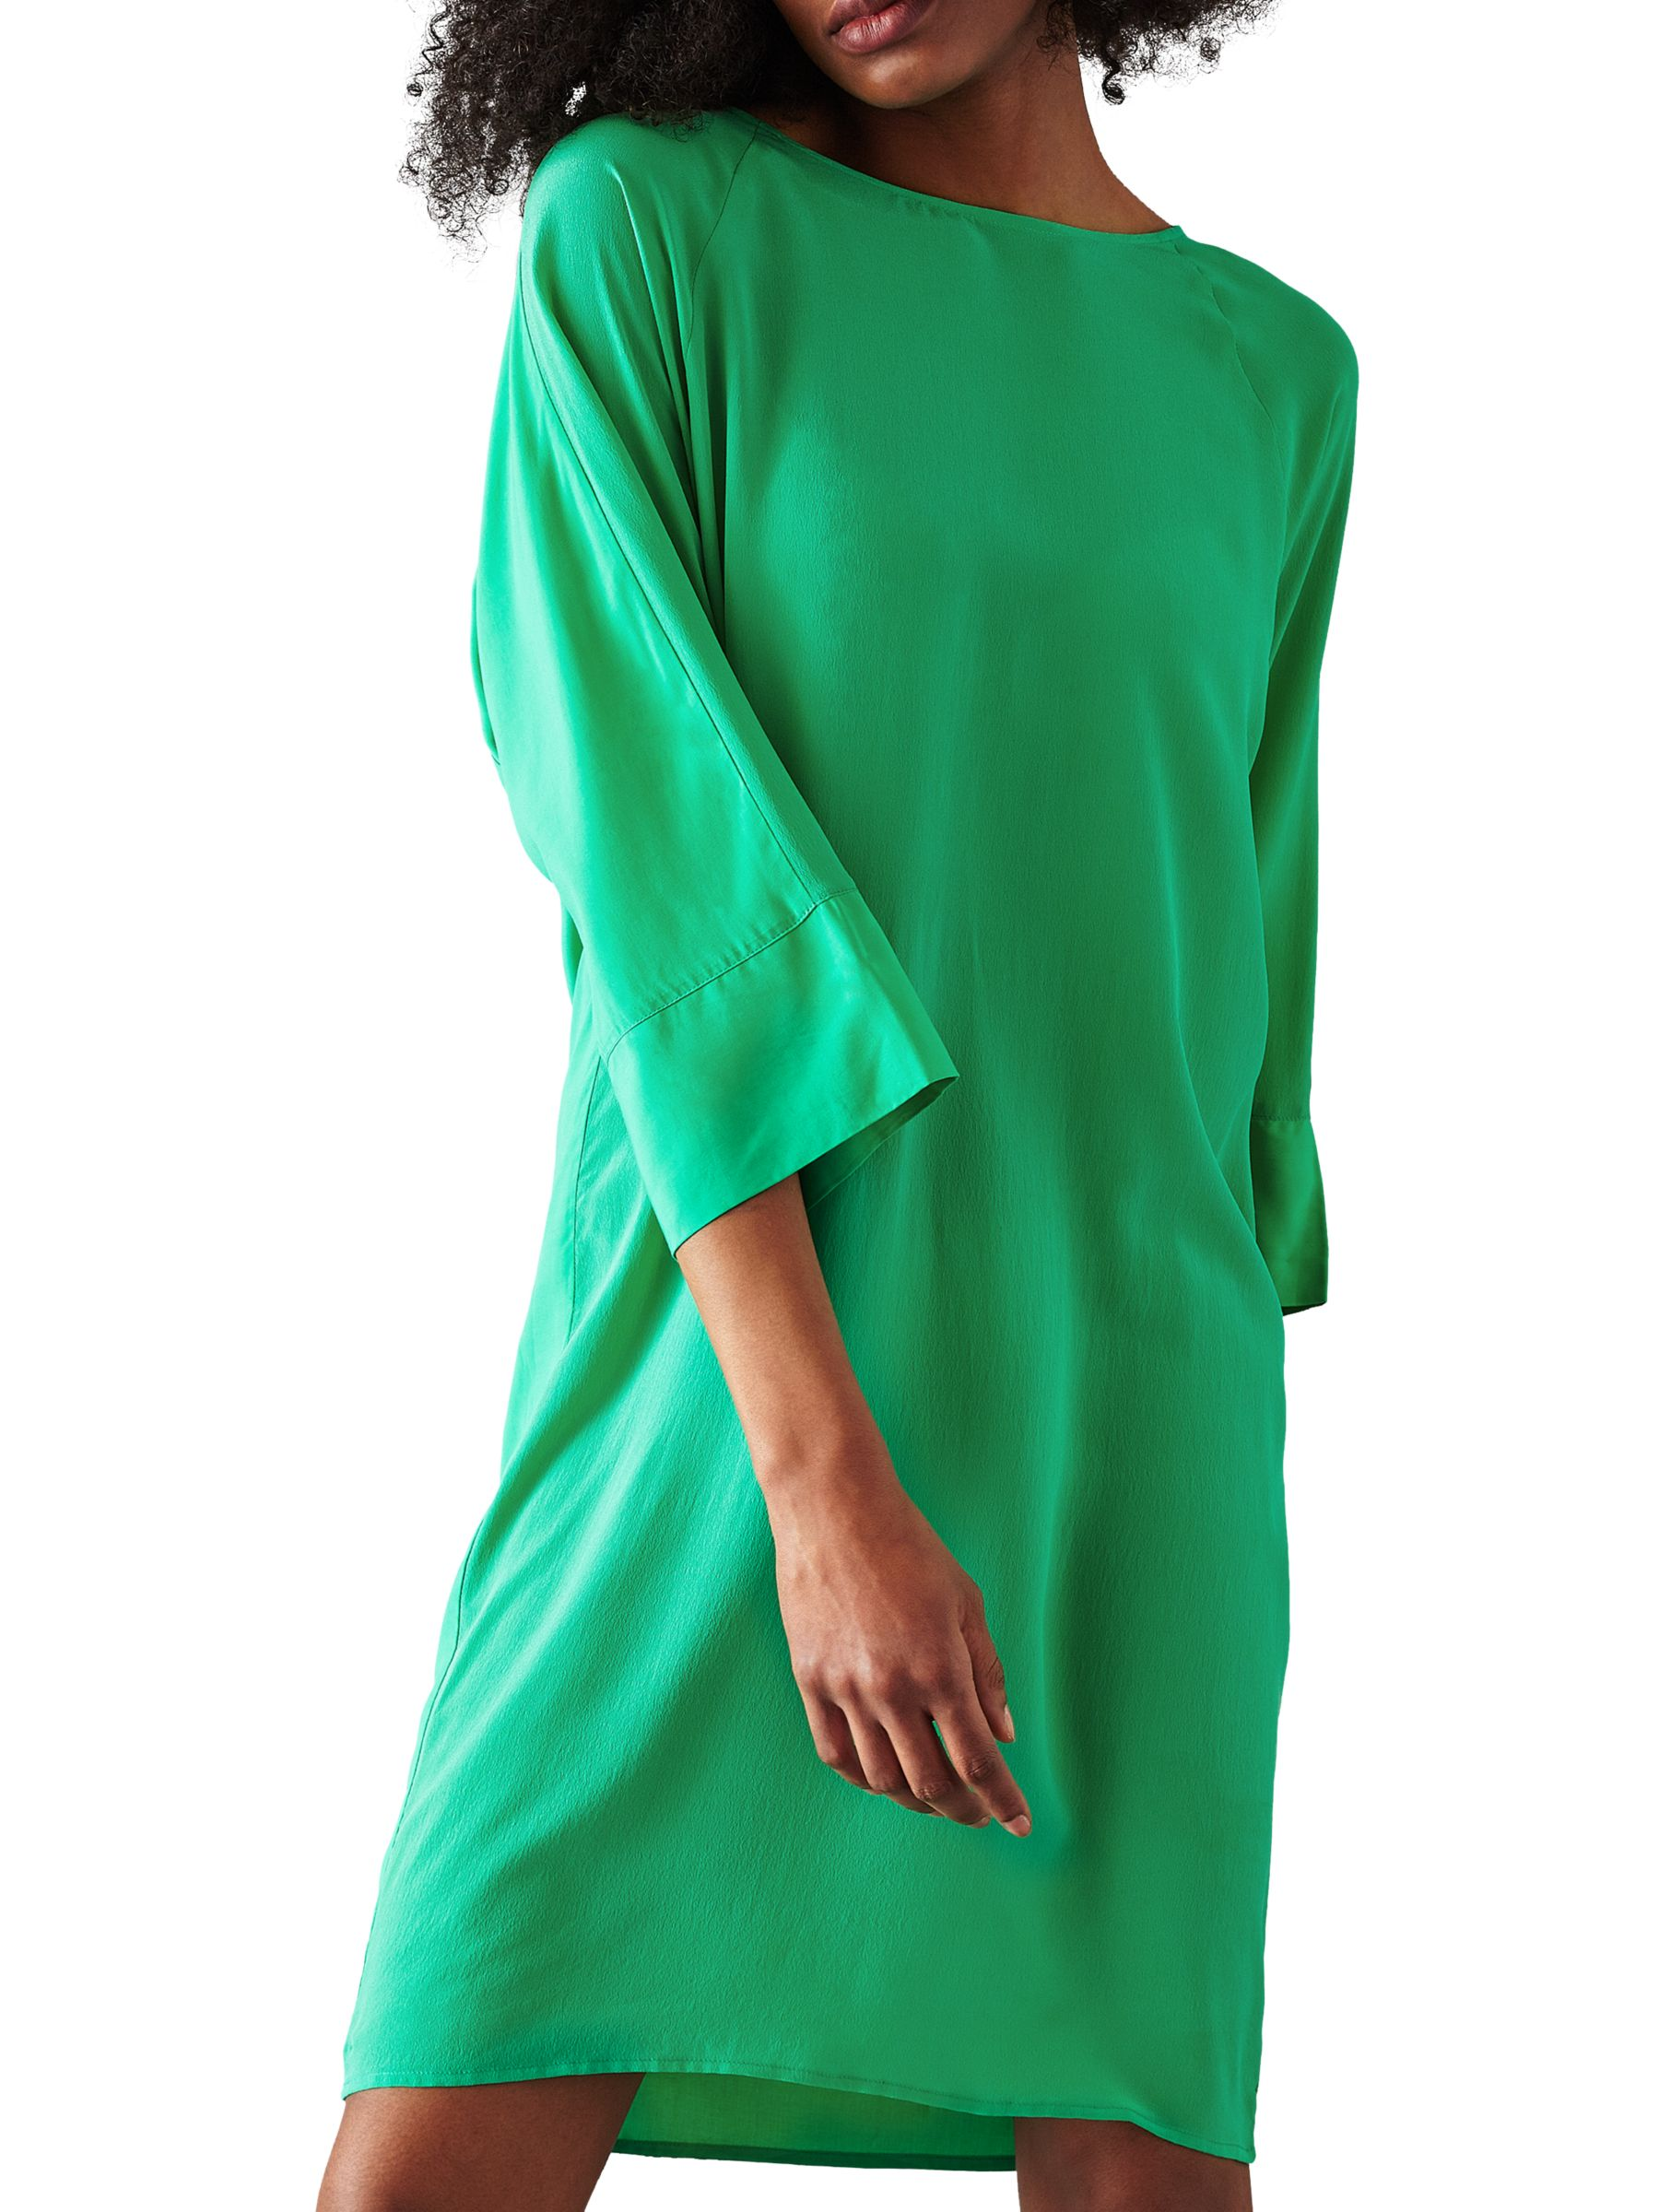 Minimum Minimum Misha Silk Blend Dress, Paris Green